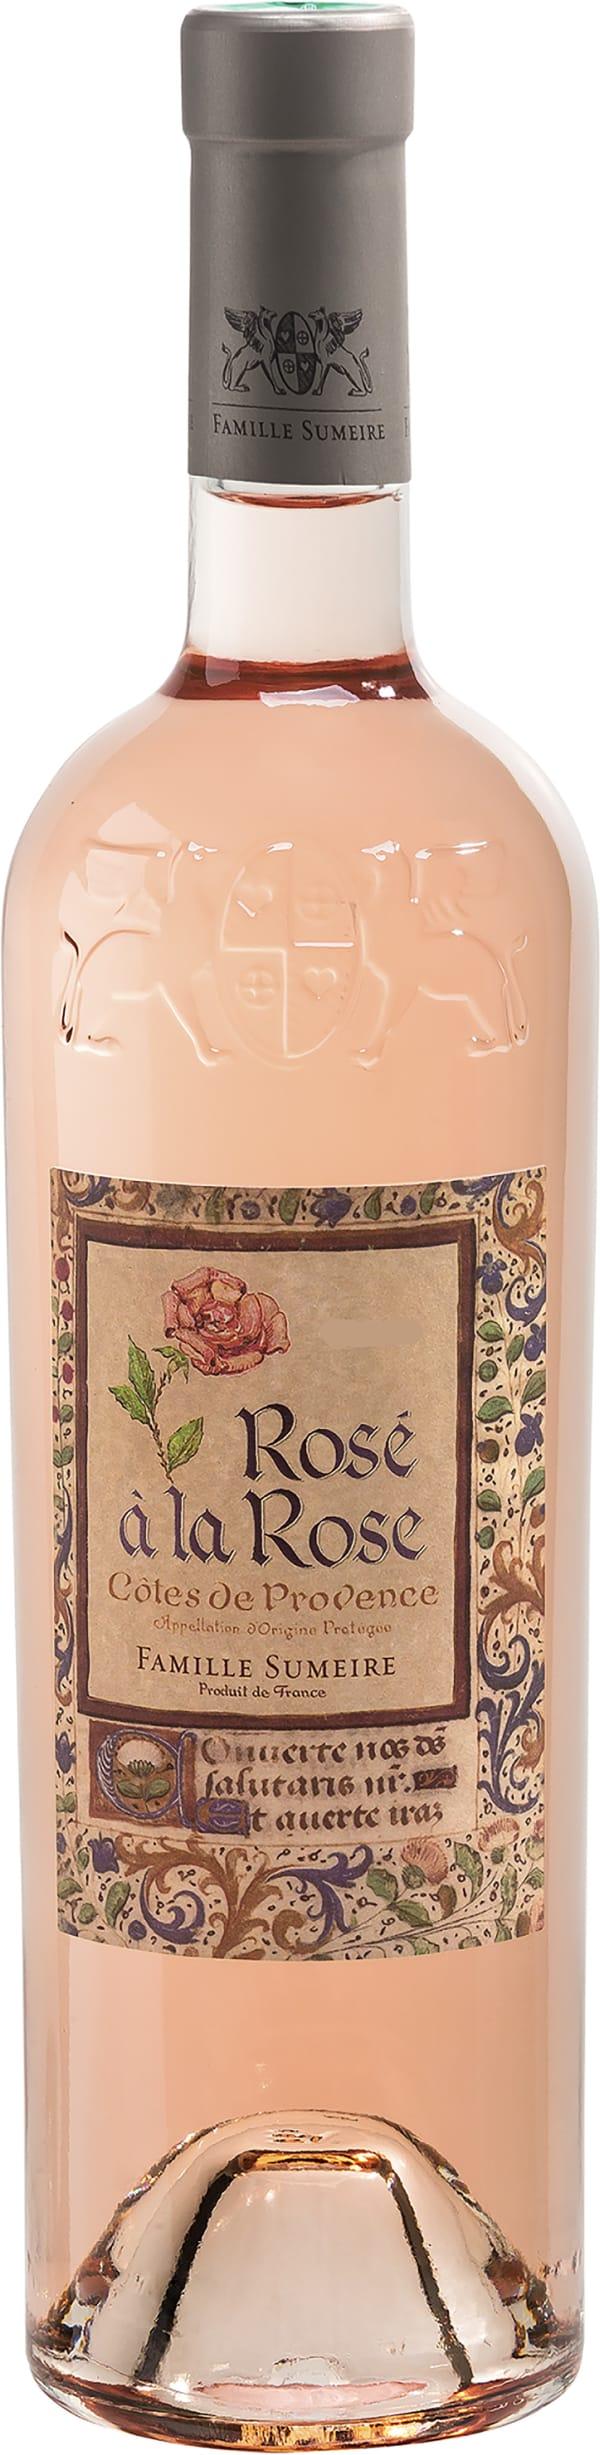 Sumeire Rosé à la Rose 2020